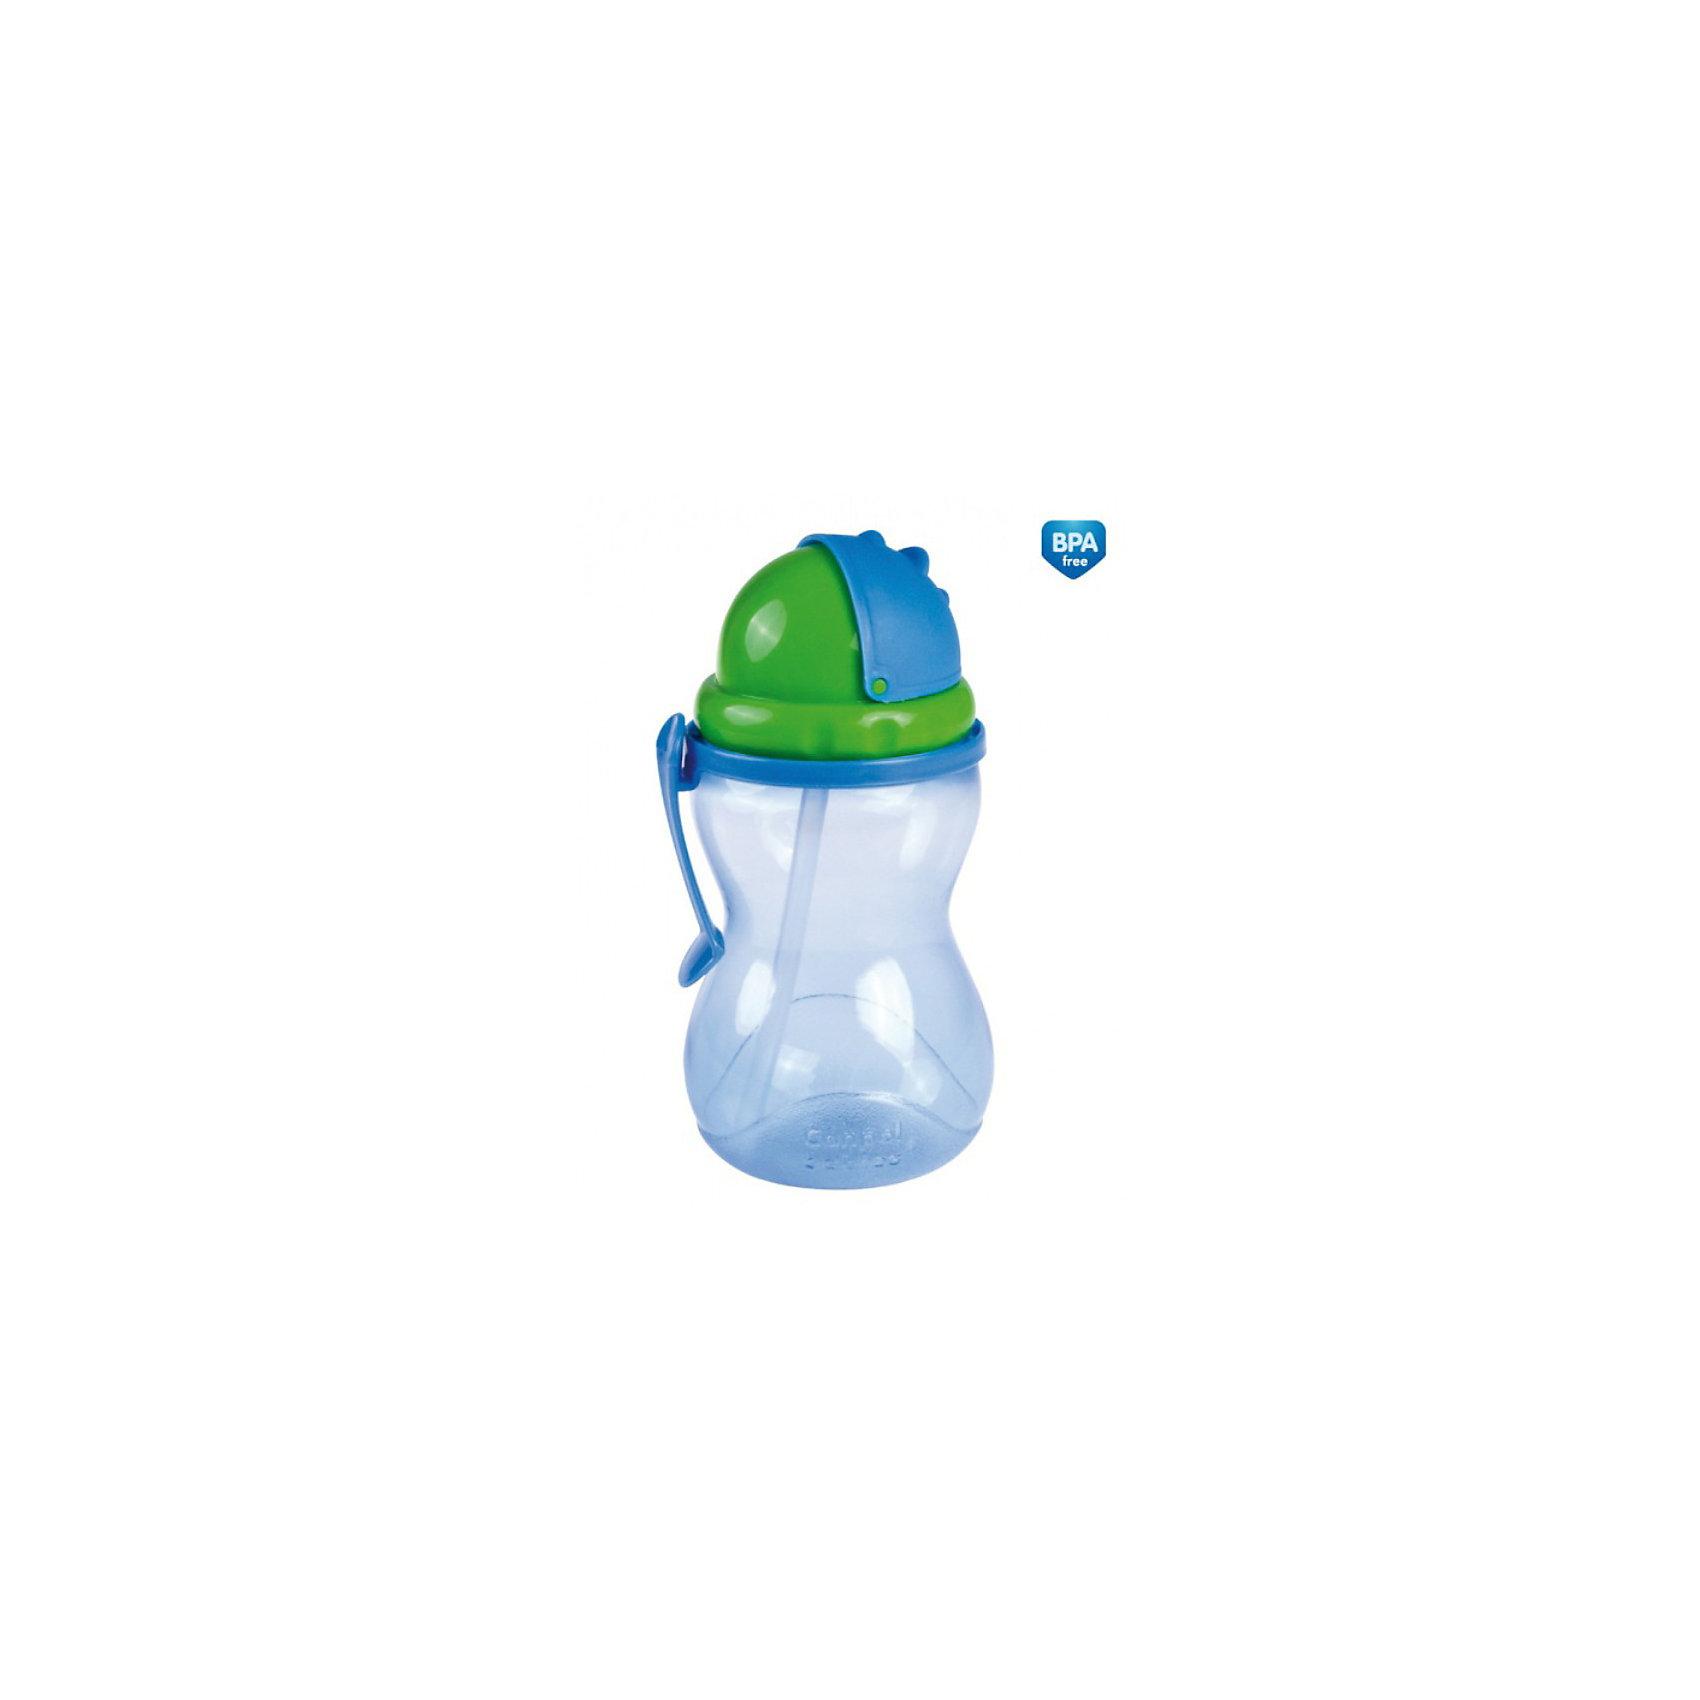 Поильник Canpol Babies, 370 мл, голубойПоильники<br>Практичный яркий спортивный поильник с трубочкой предназначен для детей старше 1 года, которые могут пить самостоятельно. Идеально подходит для поездок и прогулок. Специальная эргономичная форма позволяет малышу легко держать поильник. Двигающаяся крышка защищает трубочку, когда поильник не используется.<br>Объем: 370 мл.<br>Поильник Canpol Babies, от 12 мес., 370 мл. можно купить в нашем интернет-магазине.<br><br>Ширина мм: 240<br>Глубина мм: 80<br>Высота мм: 122<br>Вес г: 90<br>Возраст от месяцев: 12<br>Возраст до месяцев: 48<br>Пол: Мужской<br>Возраст: Детский<br>SKU: 3837129